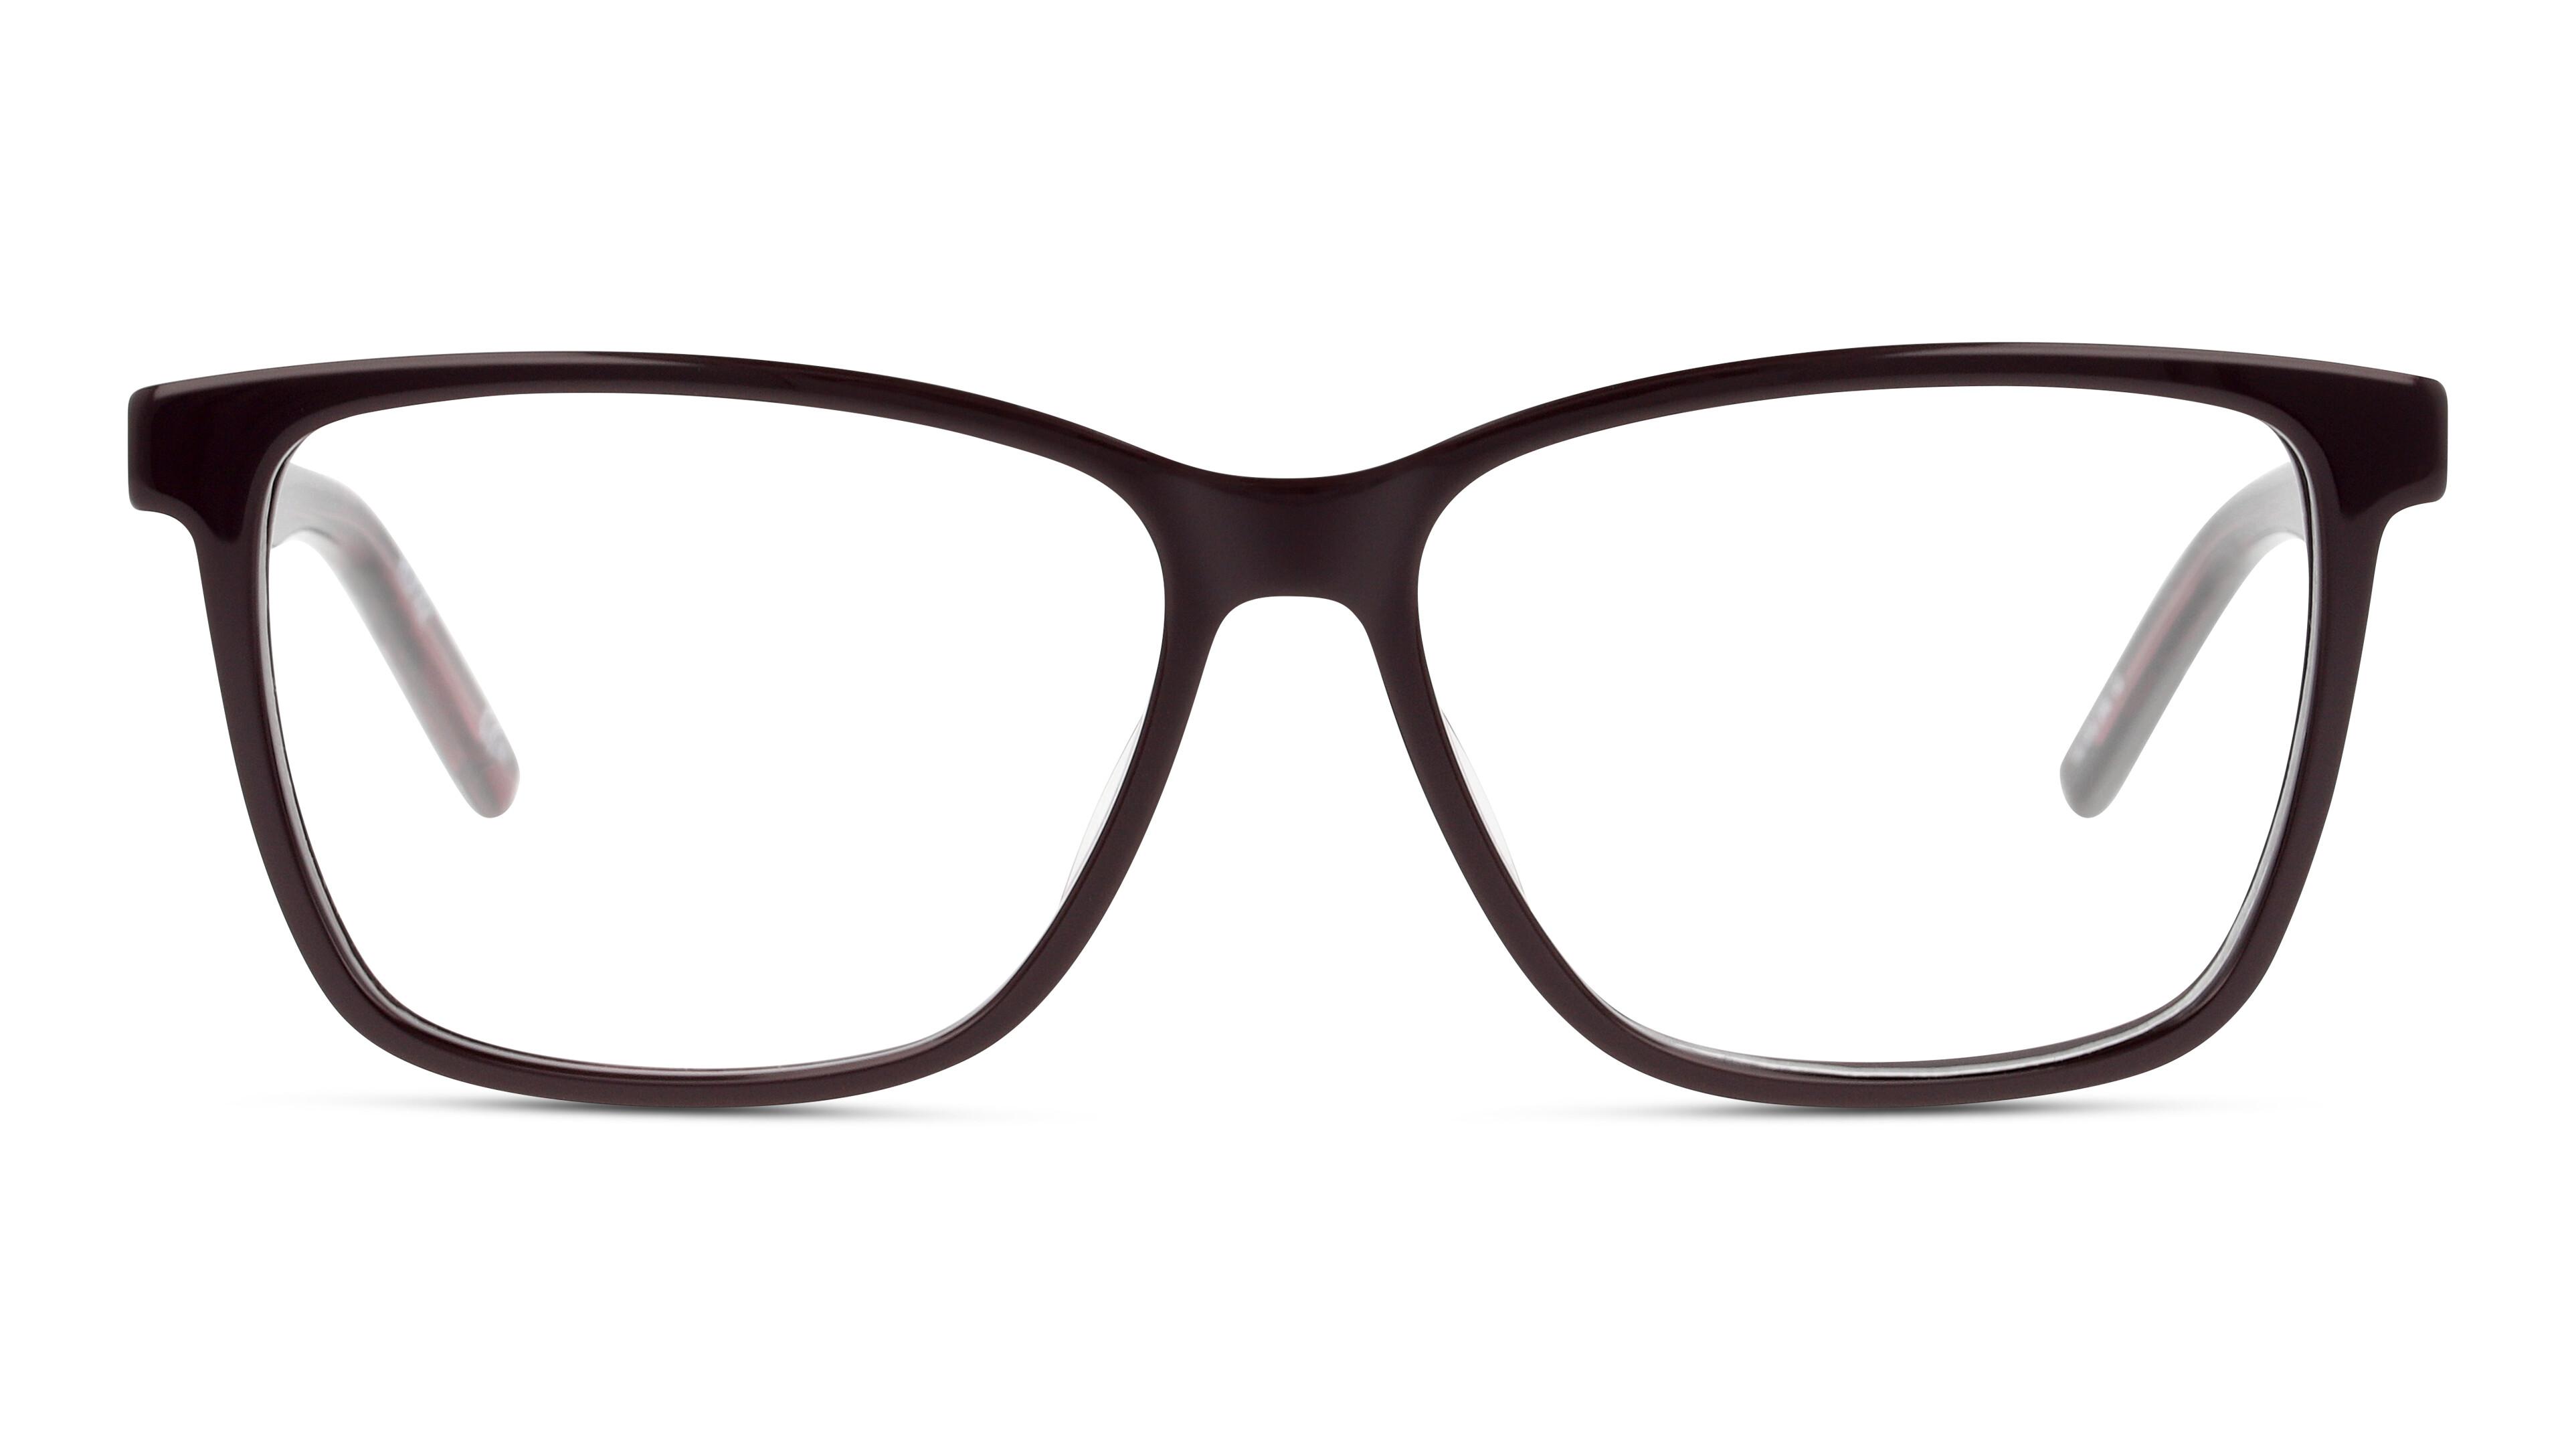 716736270432-front-brillenfassung-hugo-hg1078-burg-patt